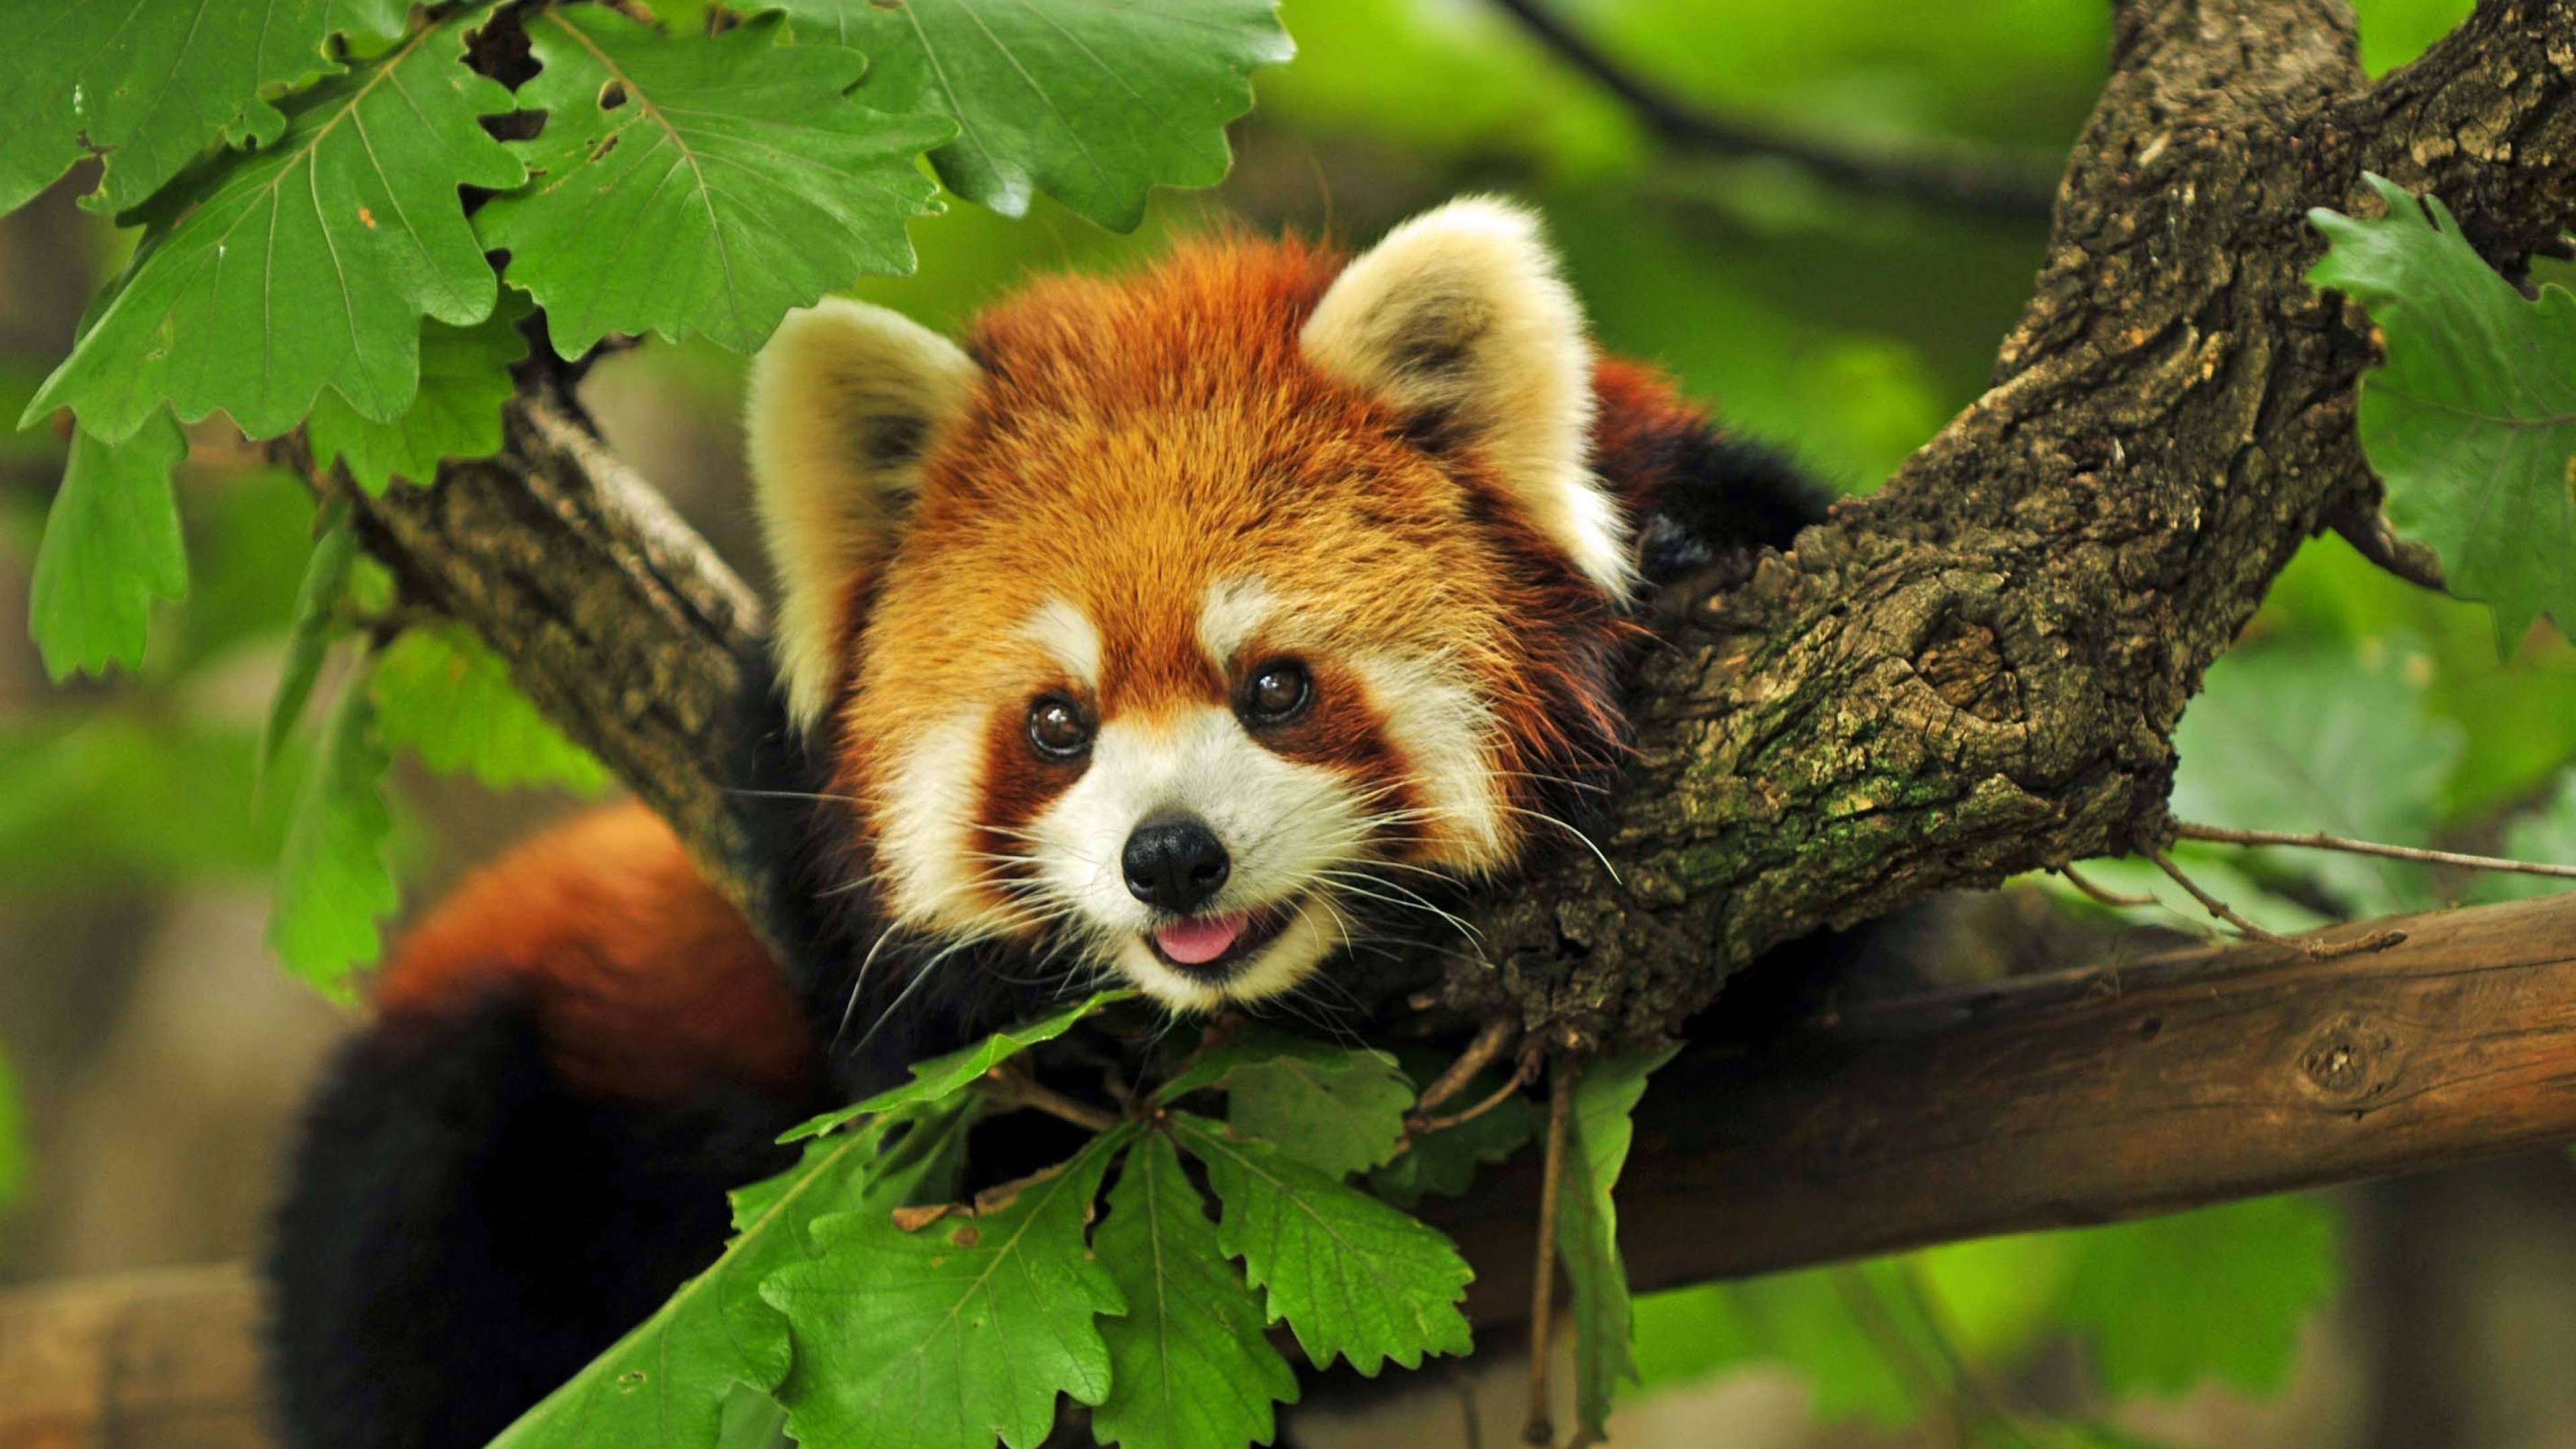 panda wallpapers, photos and desktop backgrounds up to 8K ...